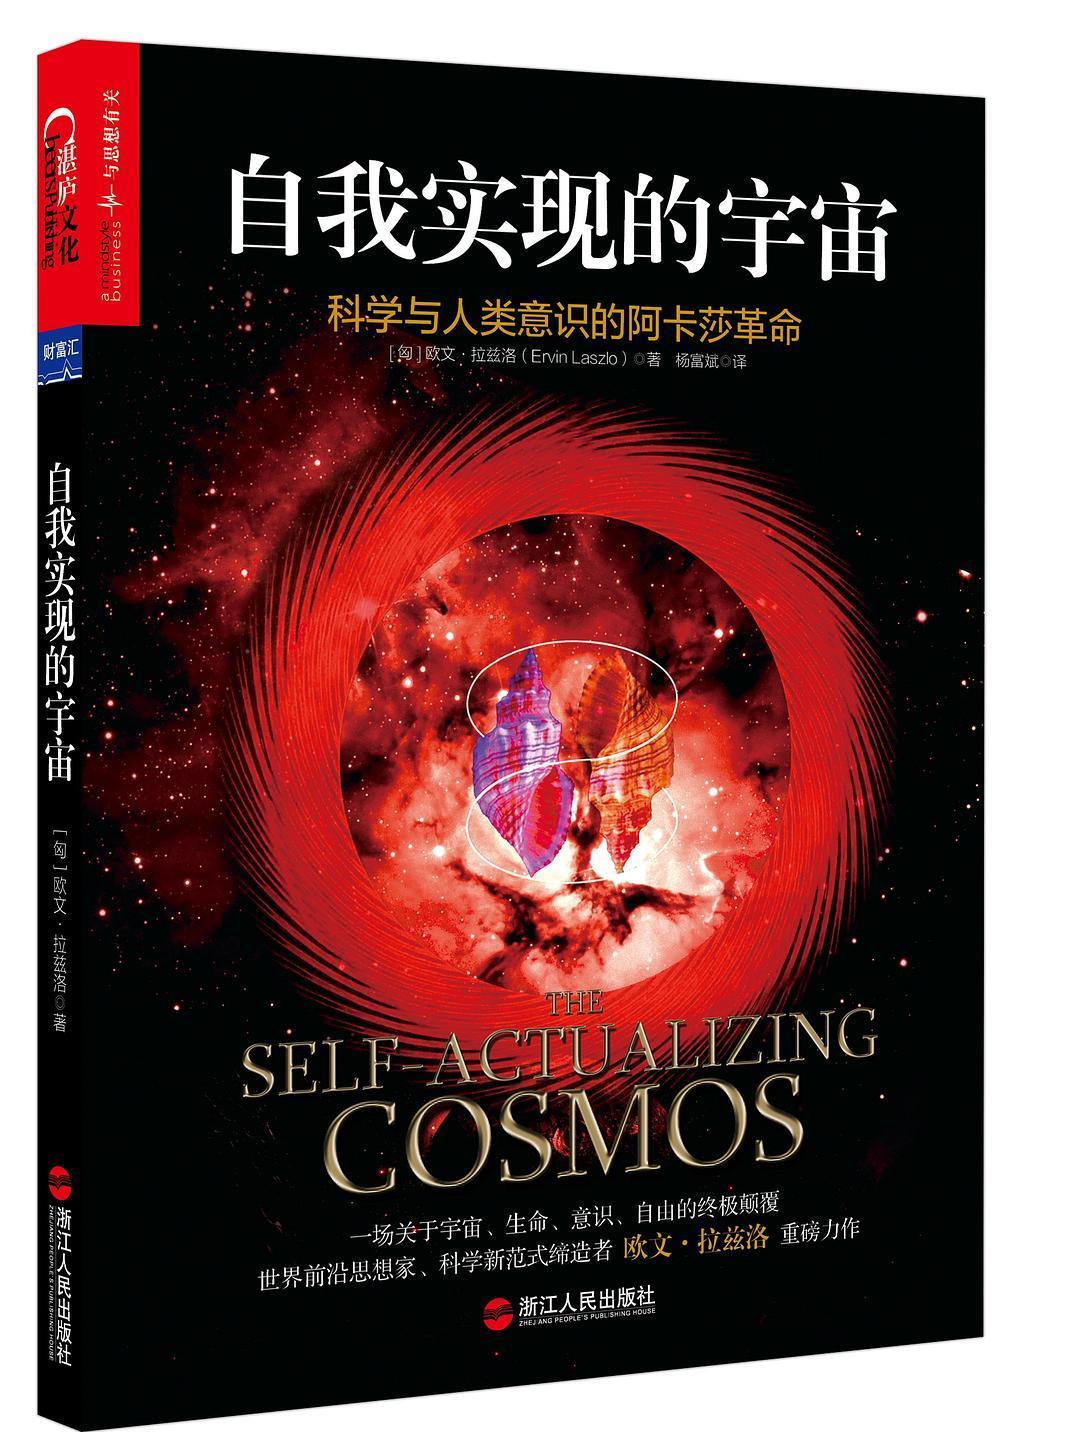 《自我实现的宇宙 : 科学与人类意识的阿卡莎革命》[匈]欧文・拉兹洛